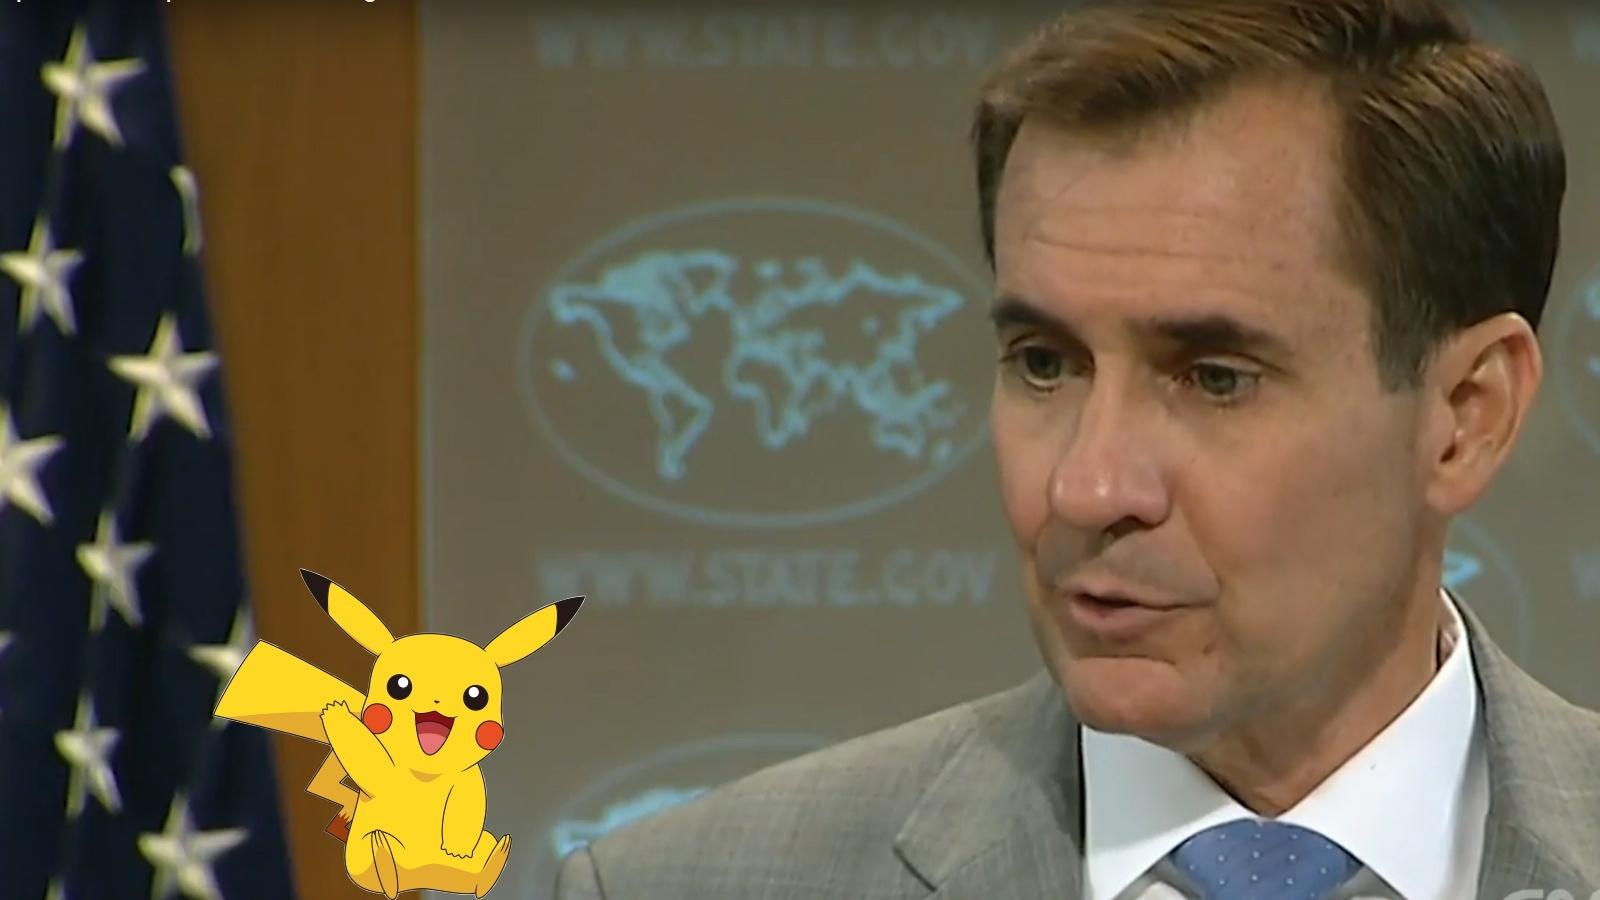 Pokémon Go - Spielender Reporter nervt Regierungssprecher